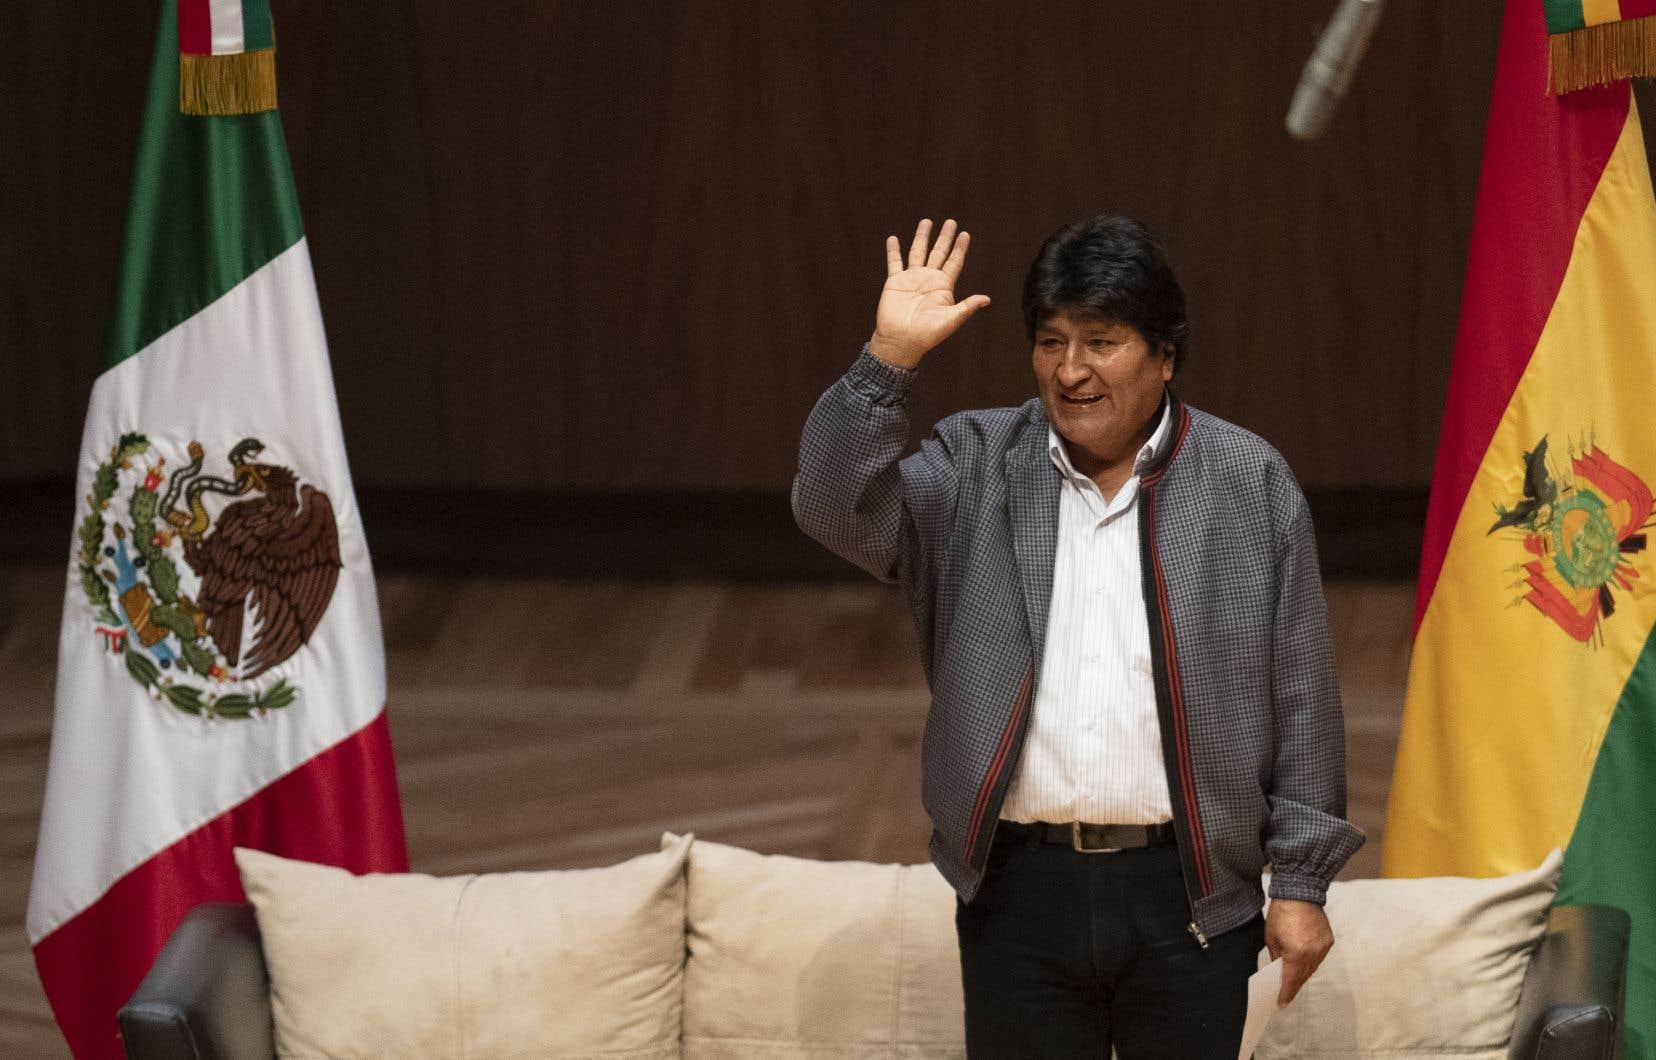 «Merci de ne pas m'avoir abandonné, je serai toujours avec vous. Ensemble, nous vaincrons», a écrit sur Twitter Evo Morales depuis Cuba où il se trouve en visite depuis vendredi.